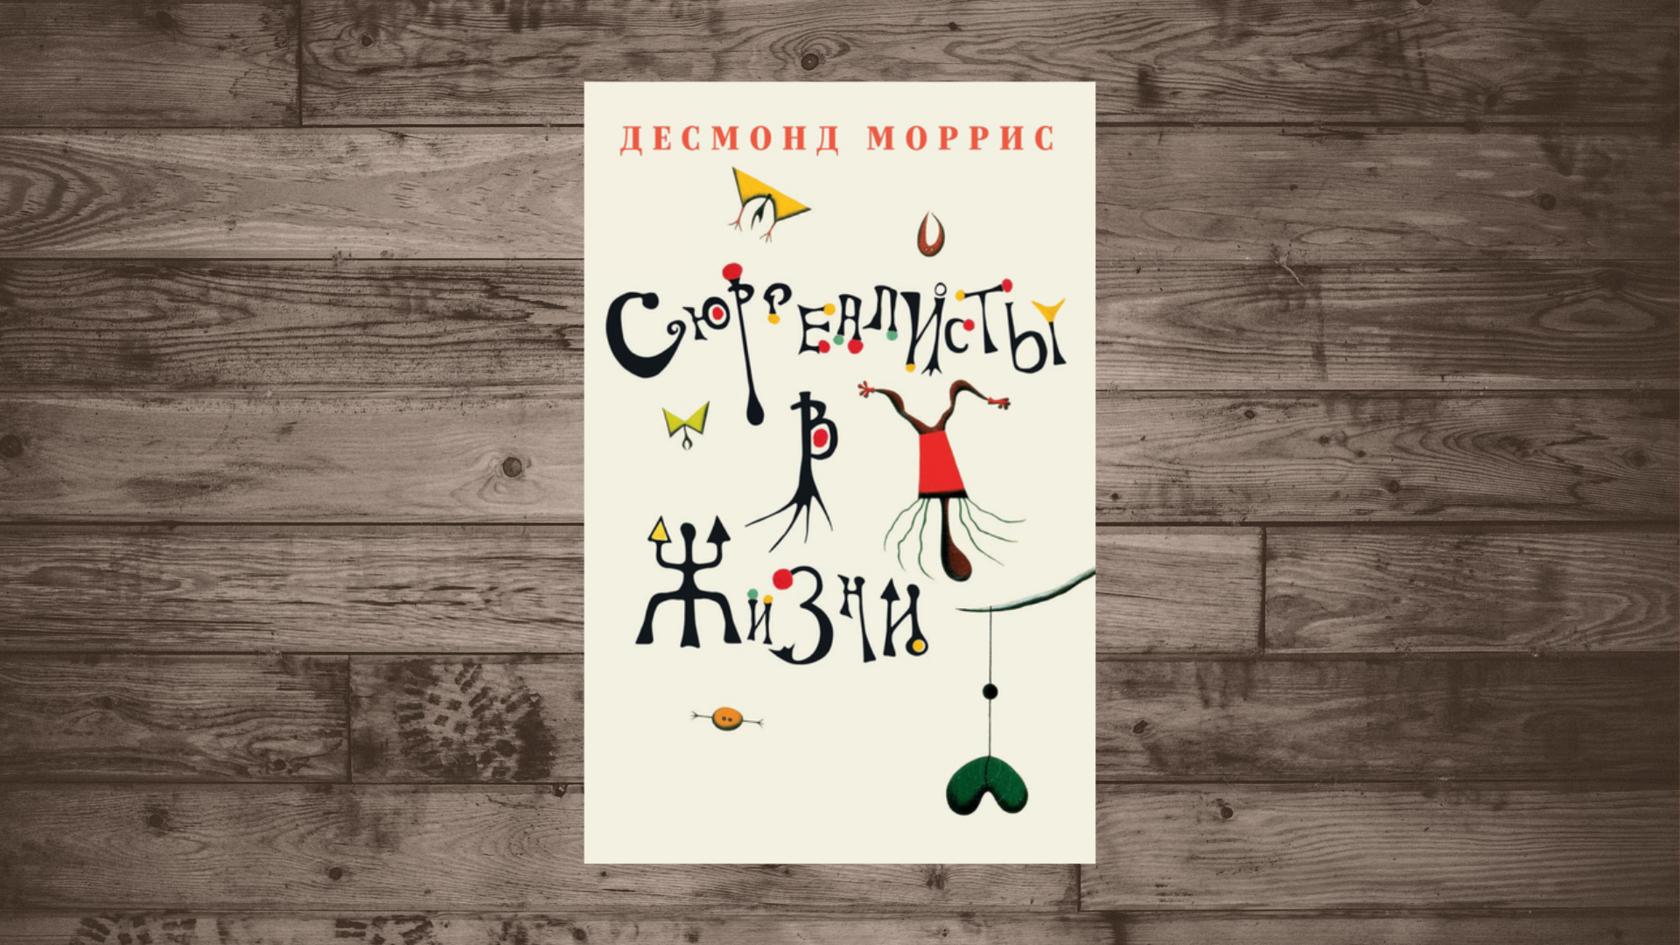 Купить книгу Десмонд Моррис «Сюрреалисты в жизни»